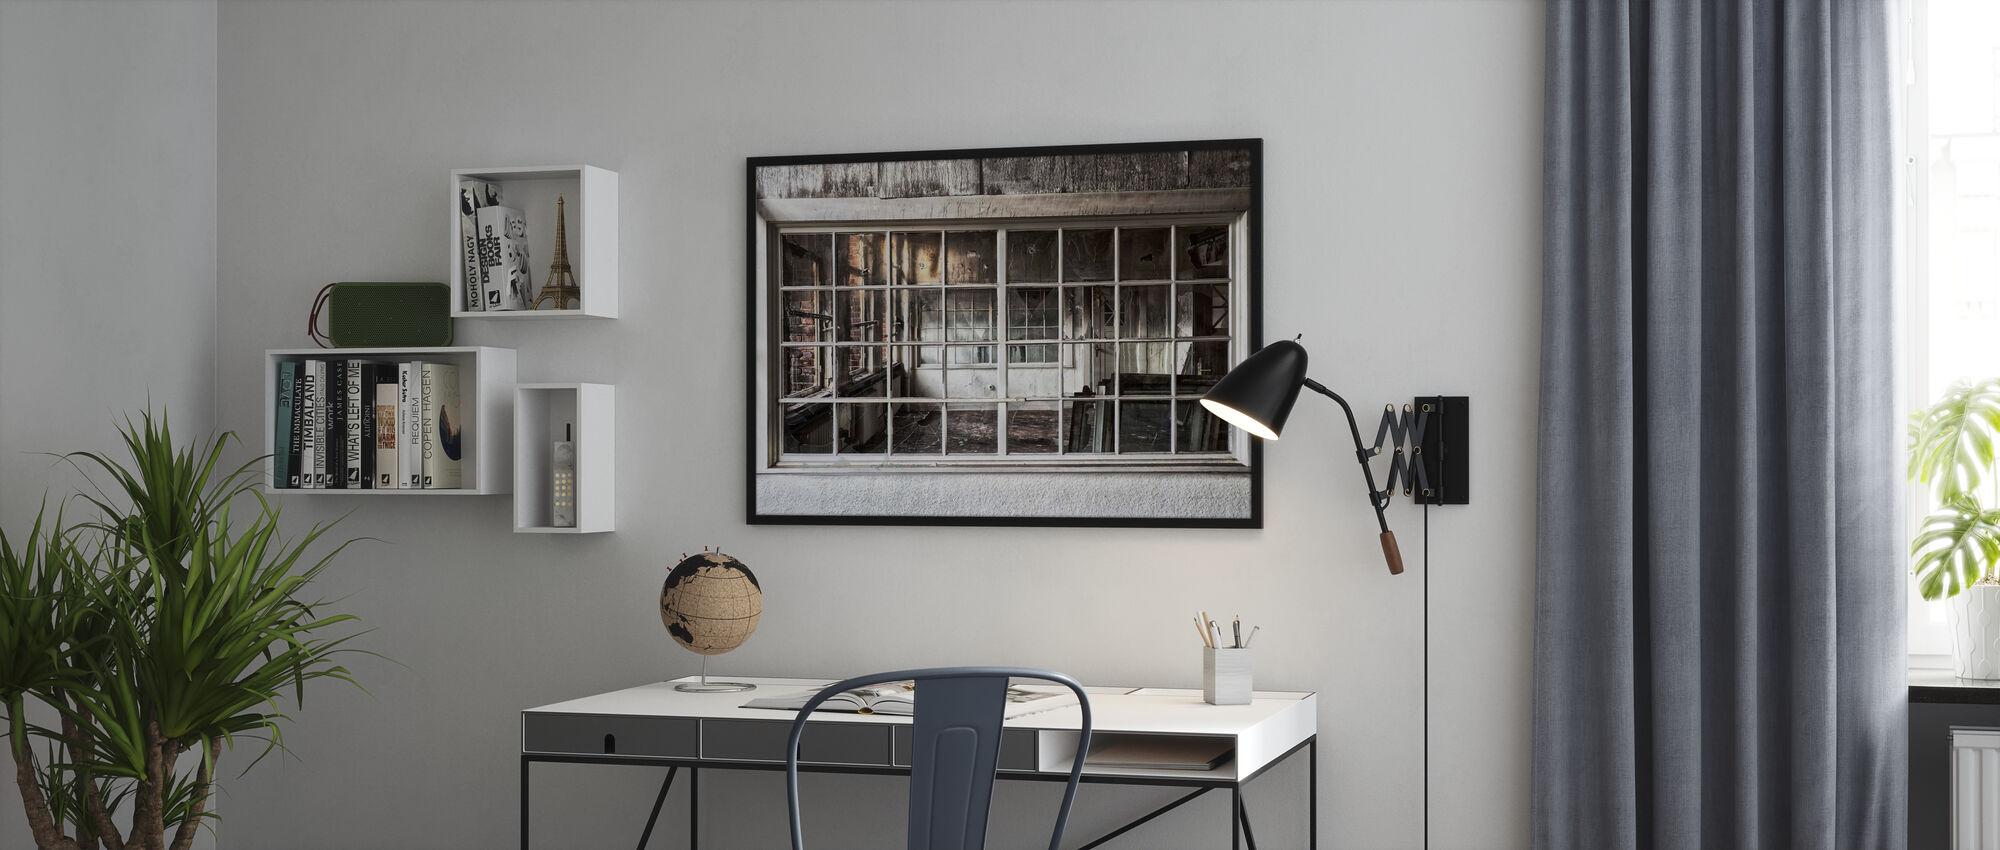 Knust gammelt vindu - Plakat - Kontor